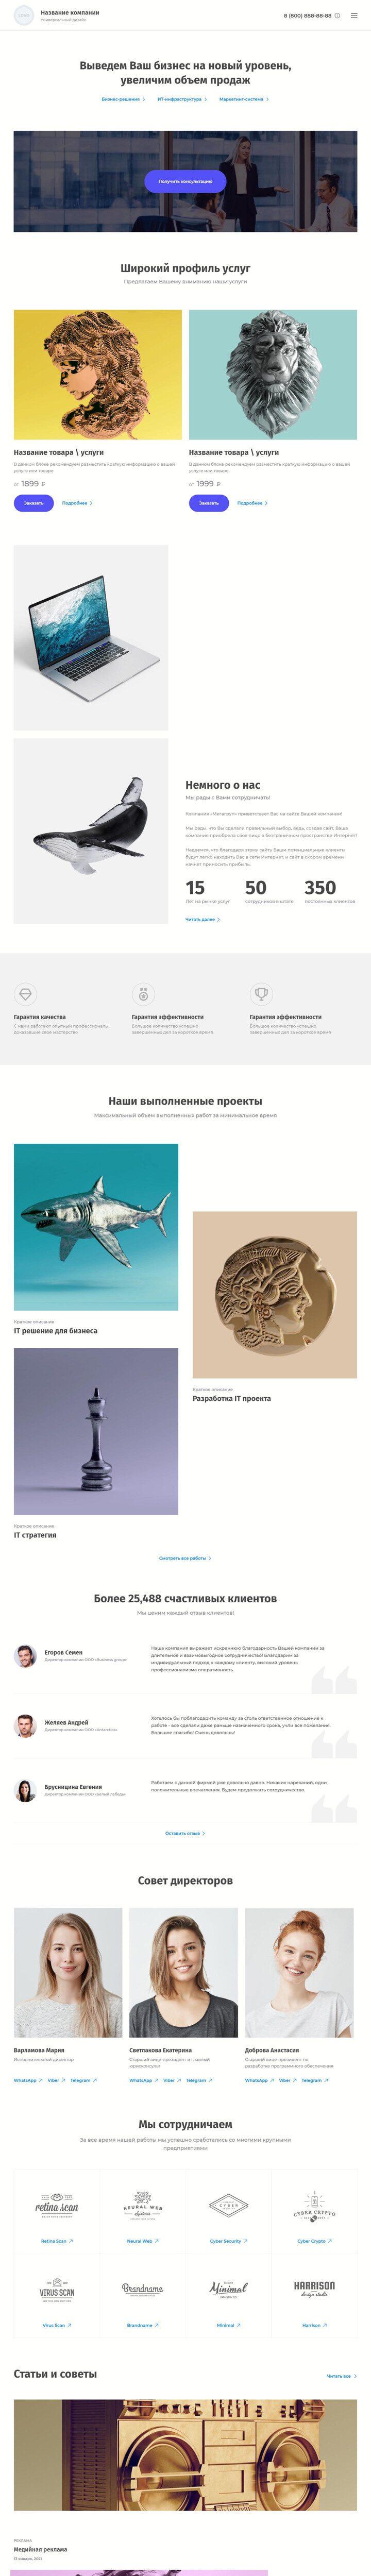 Готовый Сайт-Бизнес #3011116 - Универсальный дизайн (Главная)